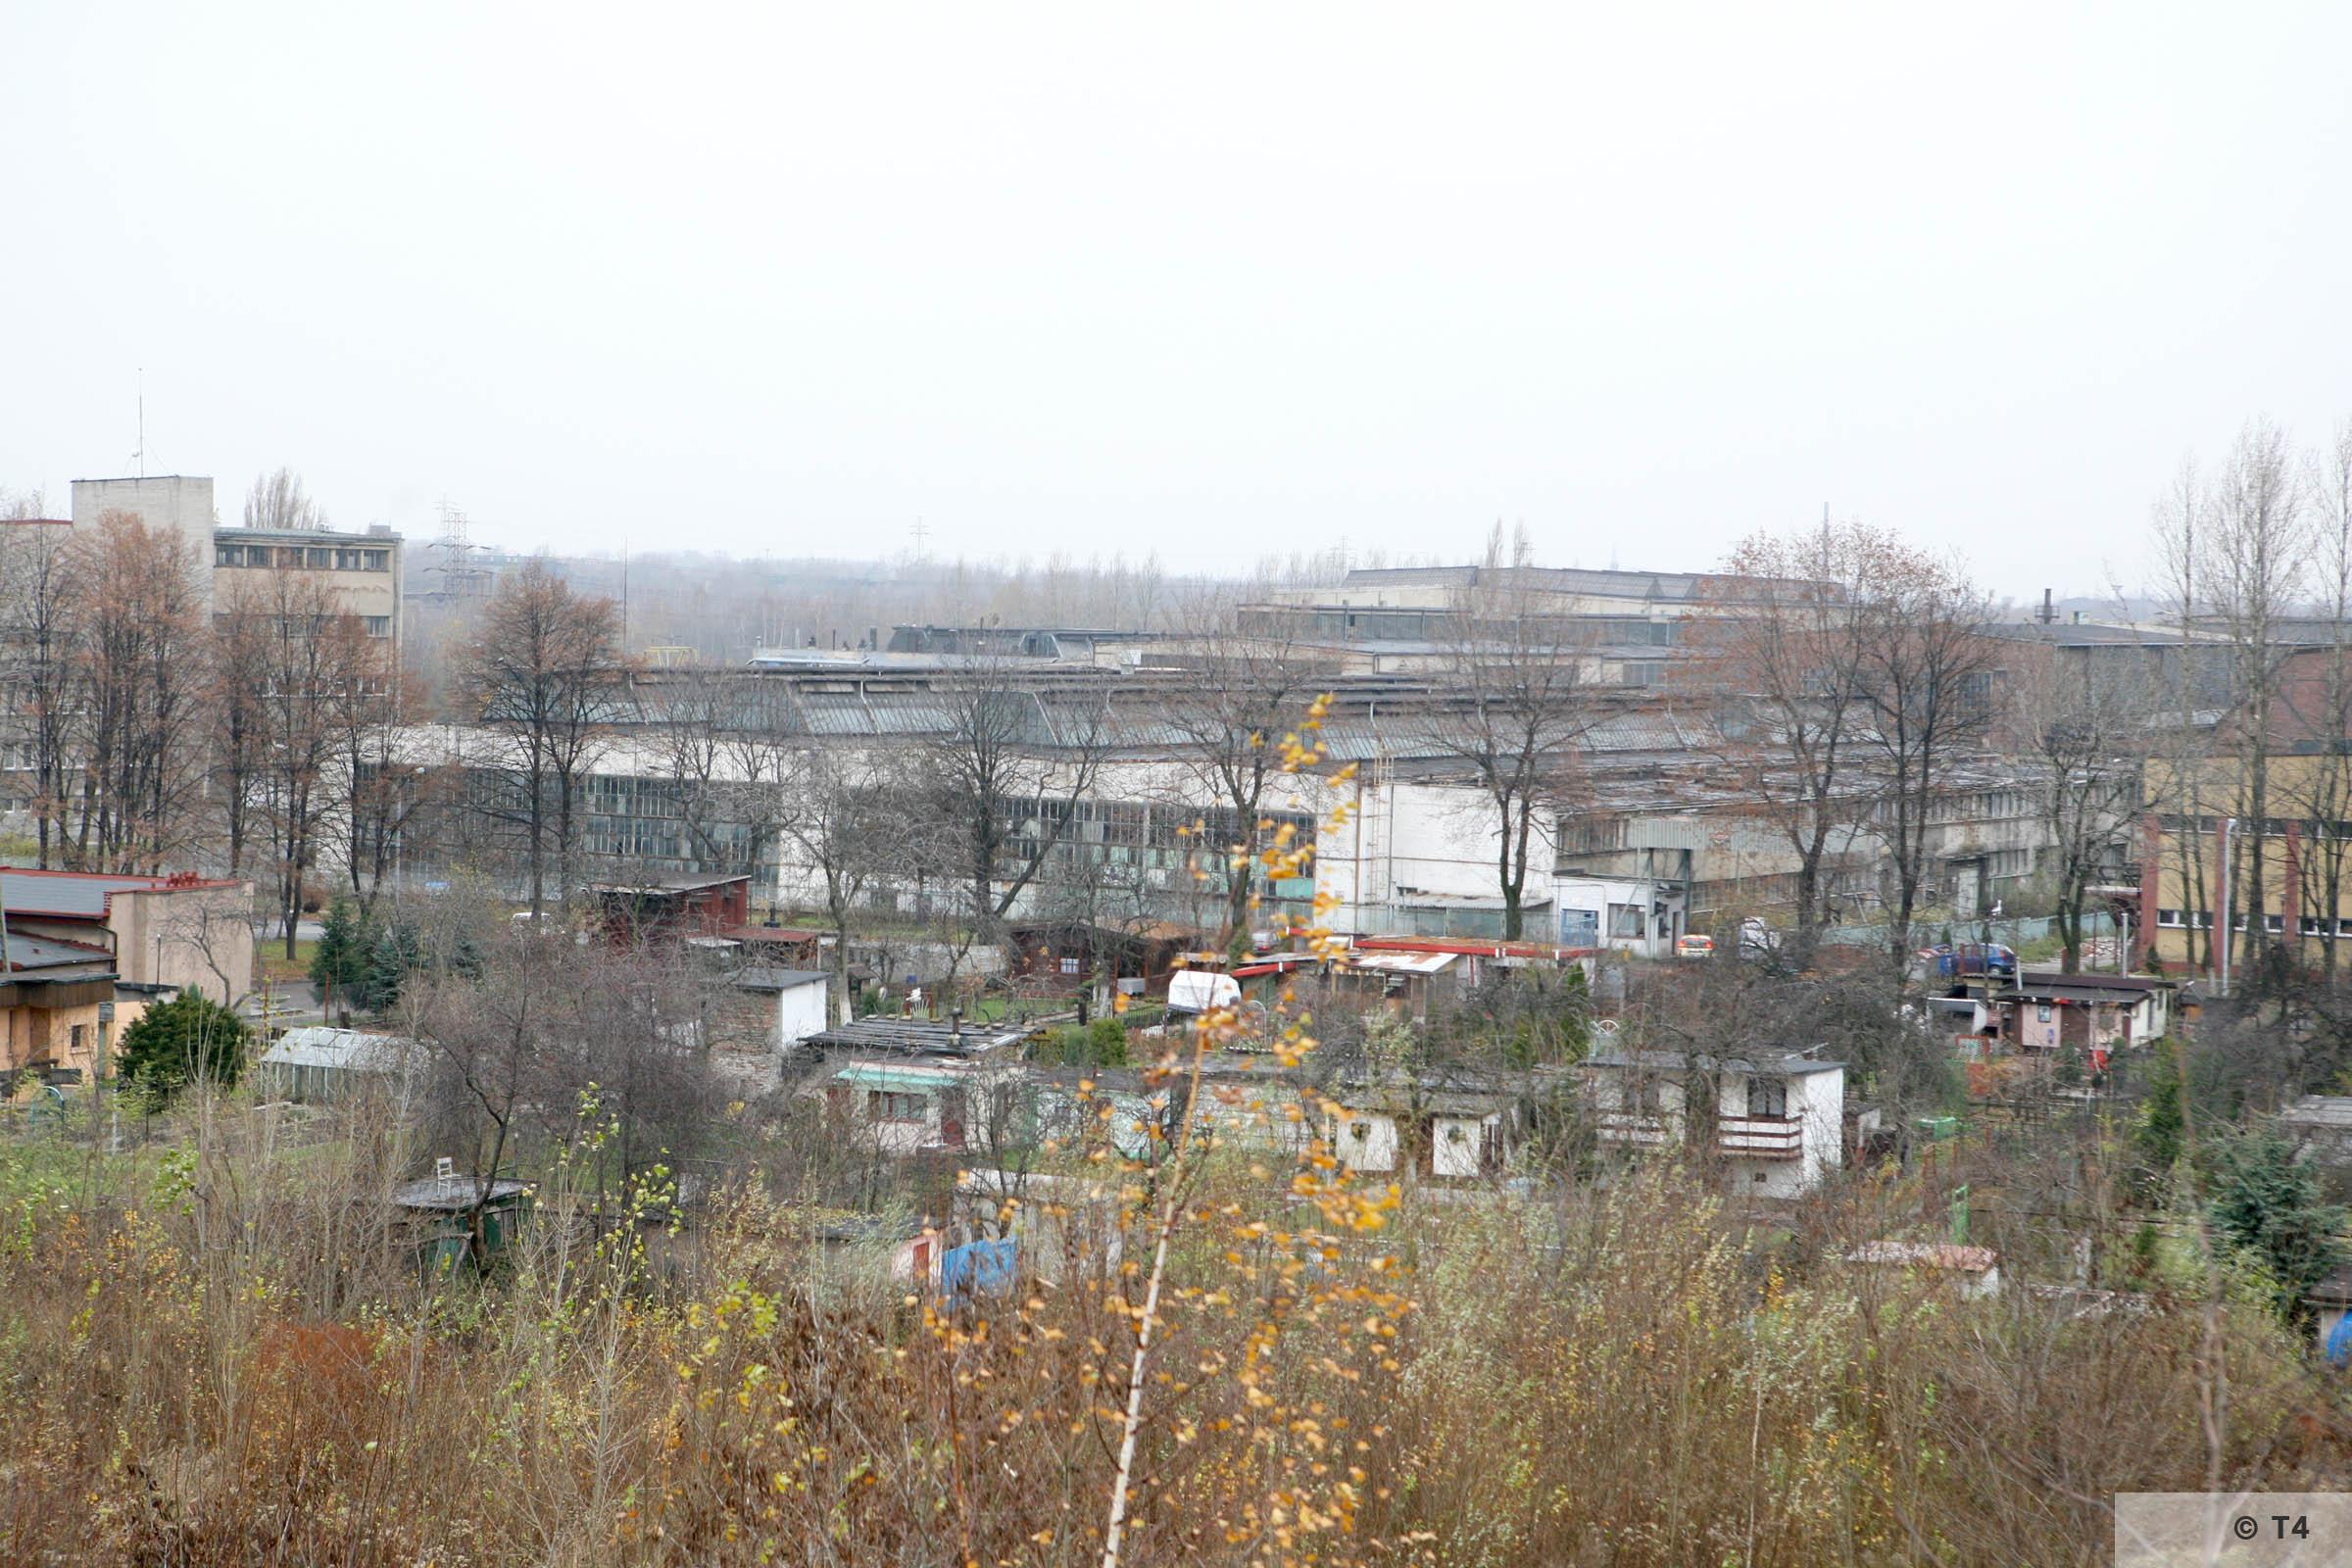 Zgoda steel plant. 2007 T4 3563